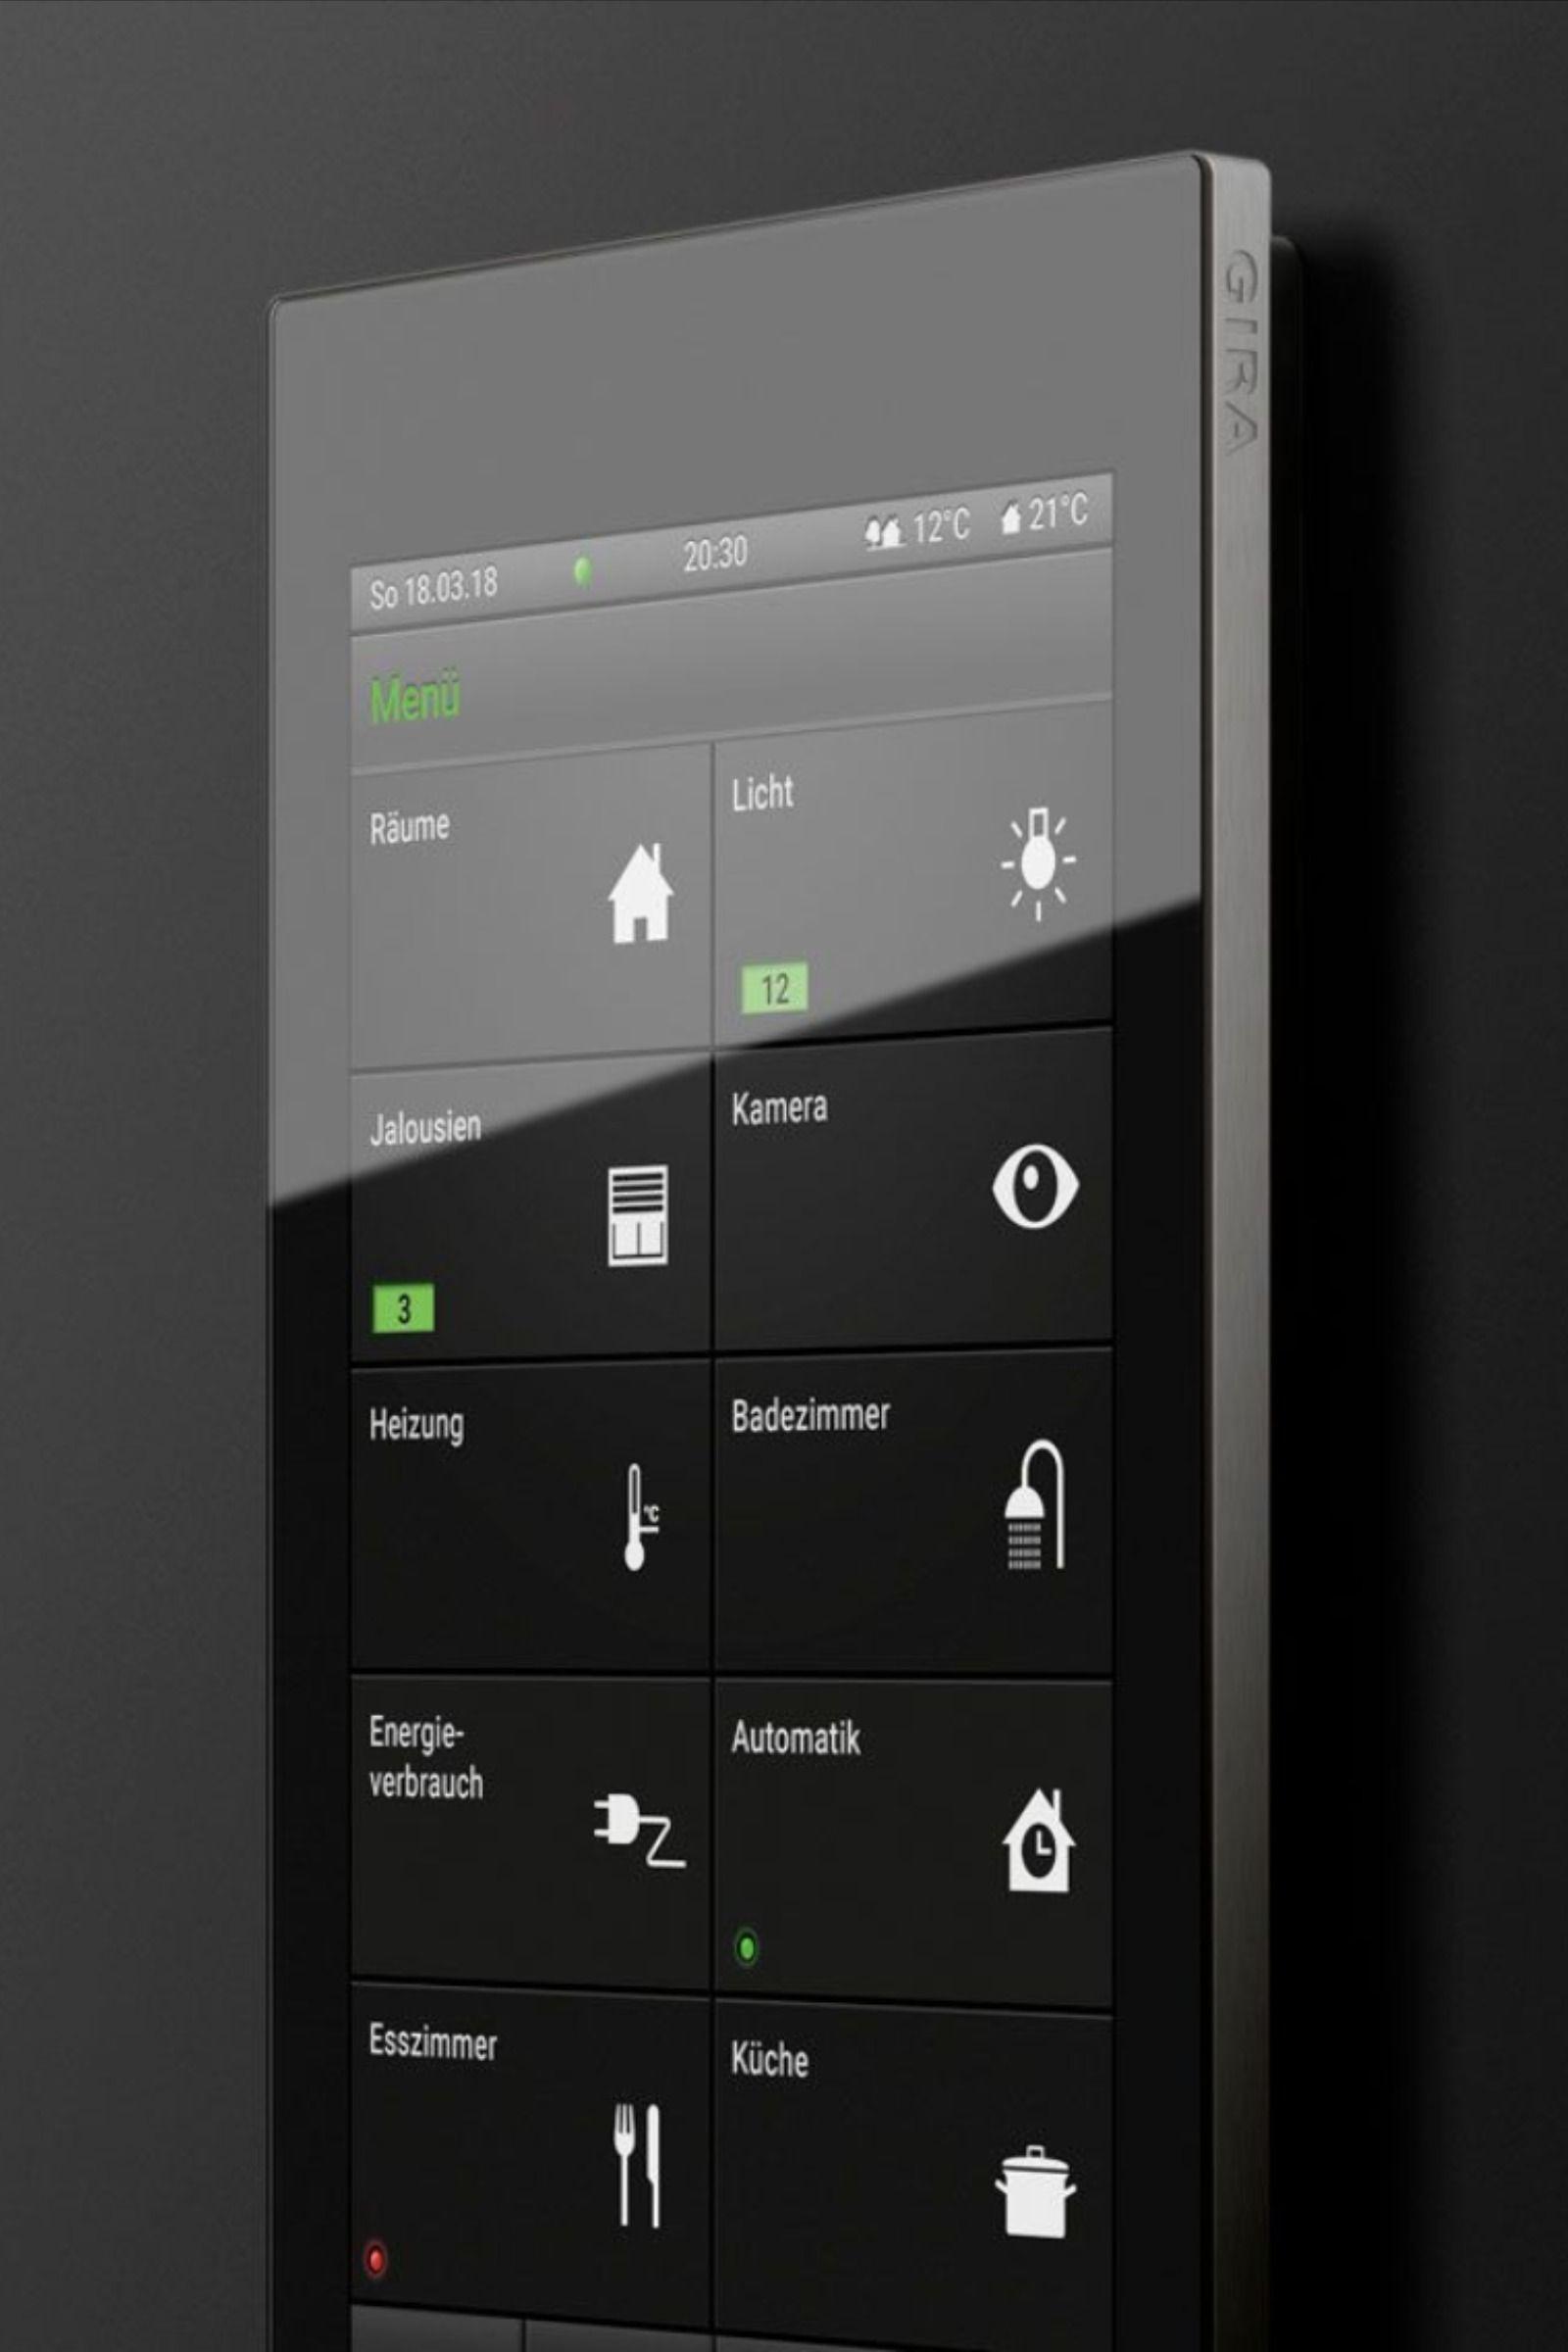 Das Ganze Smart Home Auf Einen Blick Auf Blick Das Einen Ganze Home Ohnedachgestalten Smart In 2020 Intelligentes Haus Haustechnik Haus Modernisieren